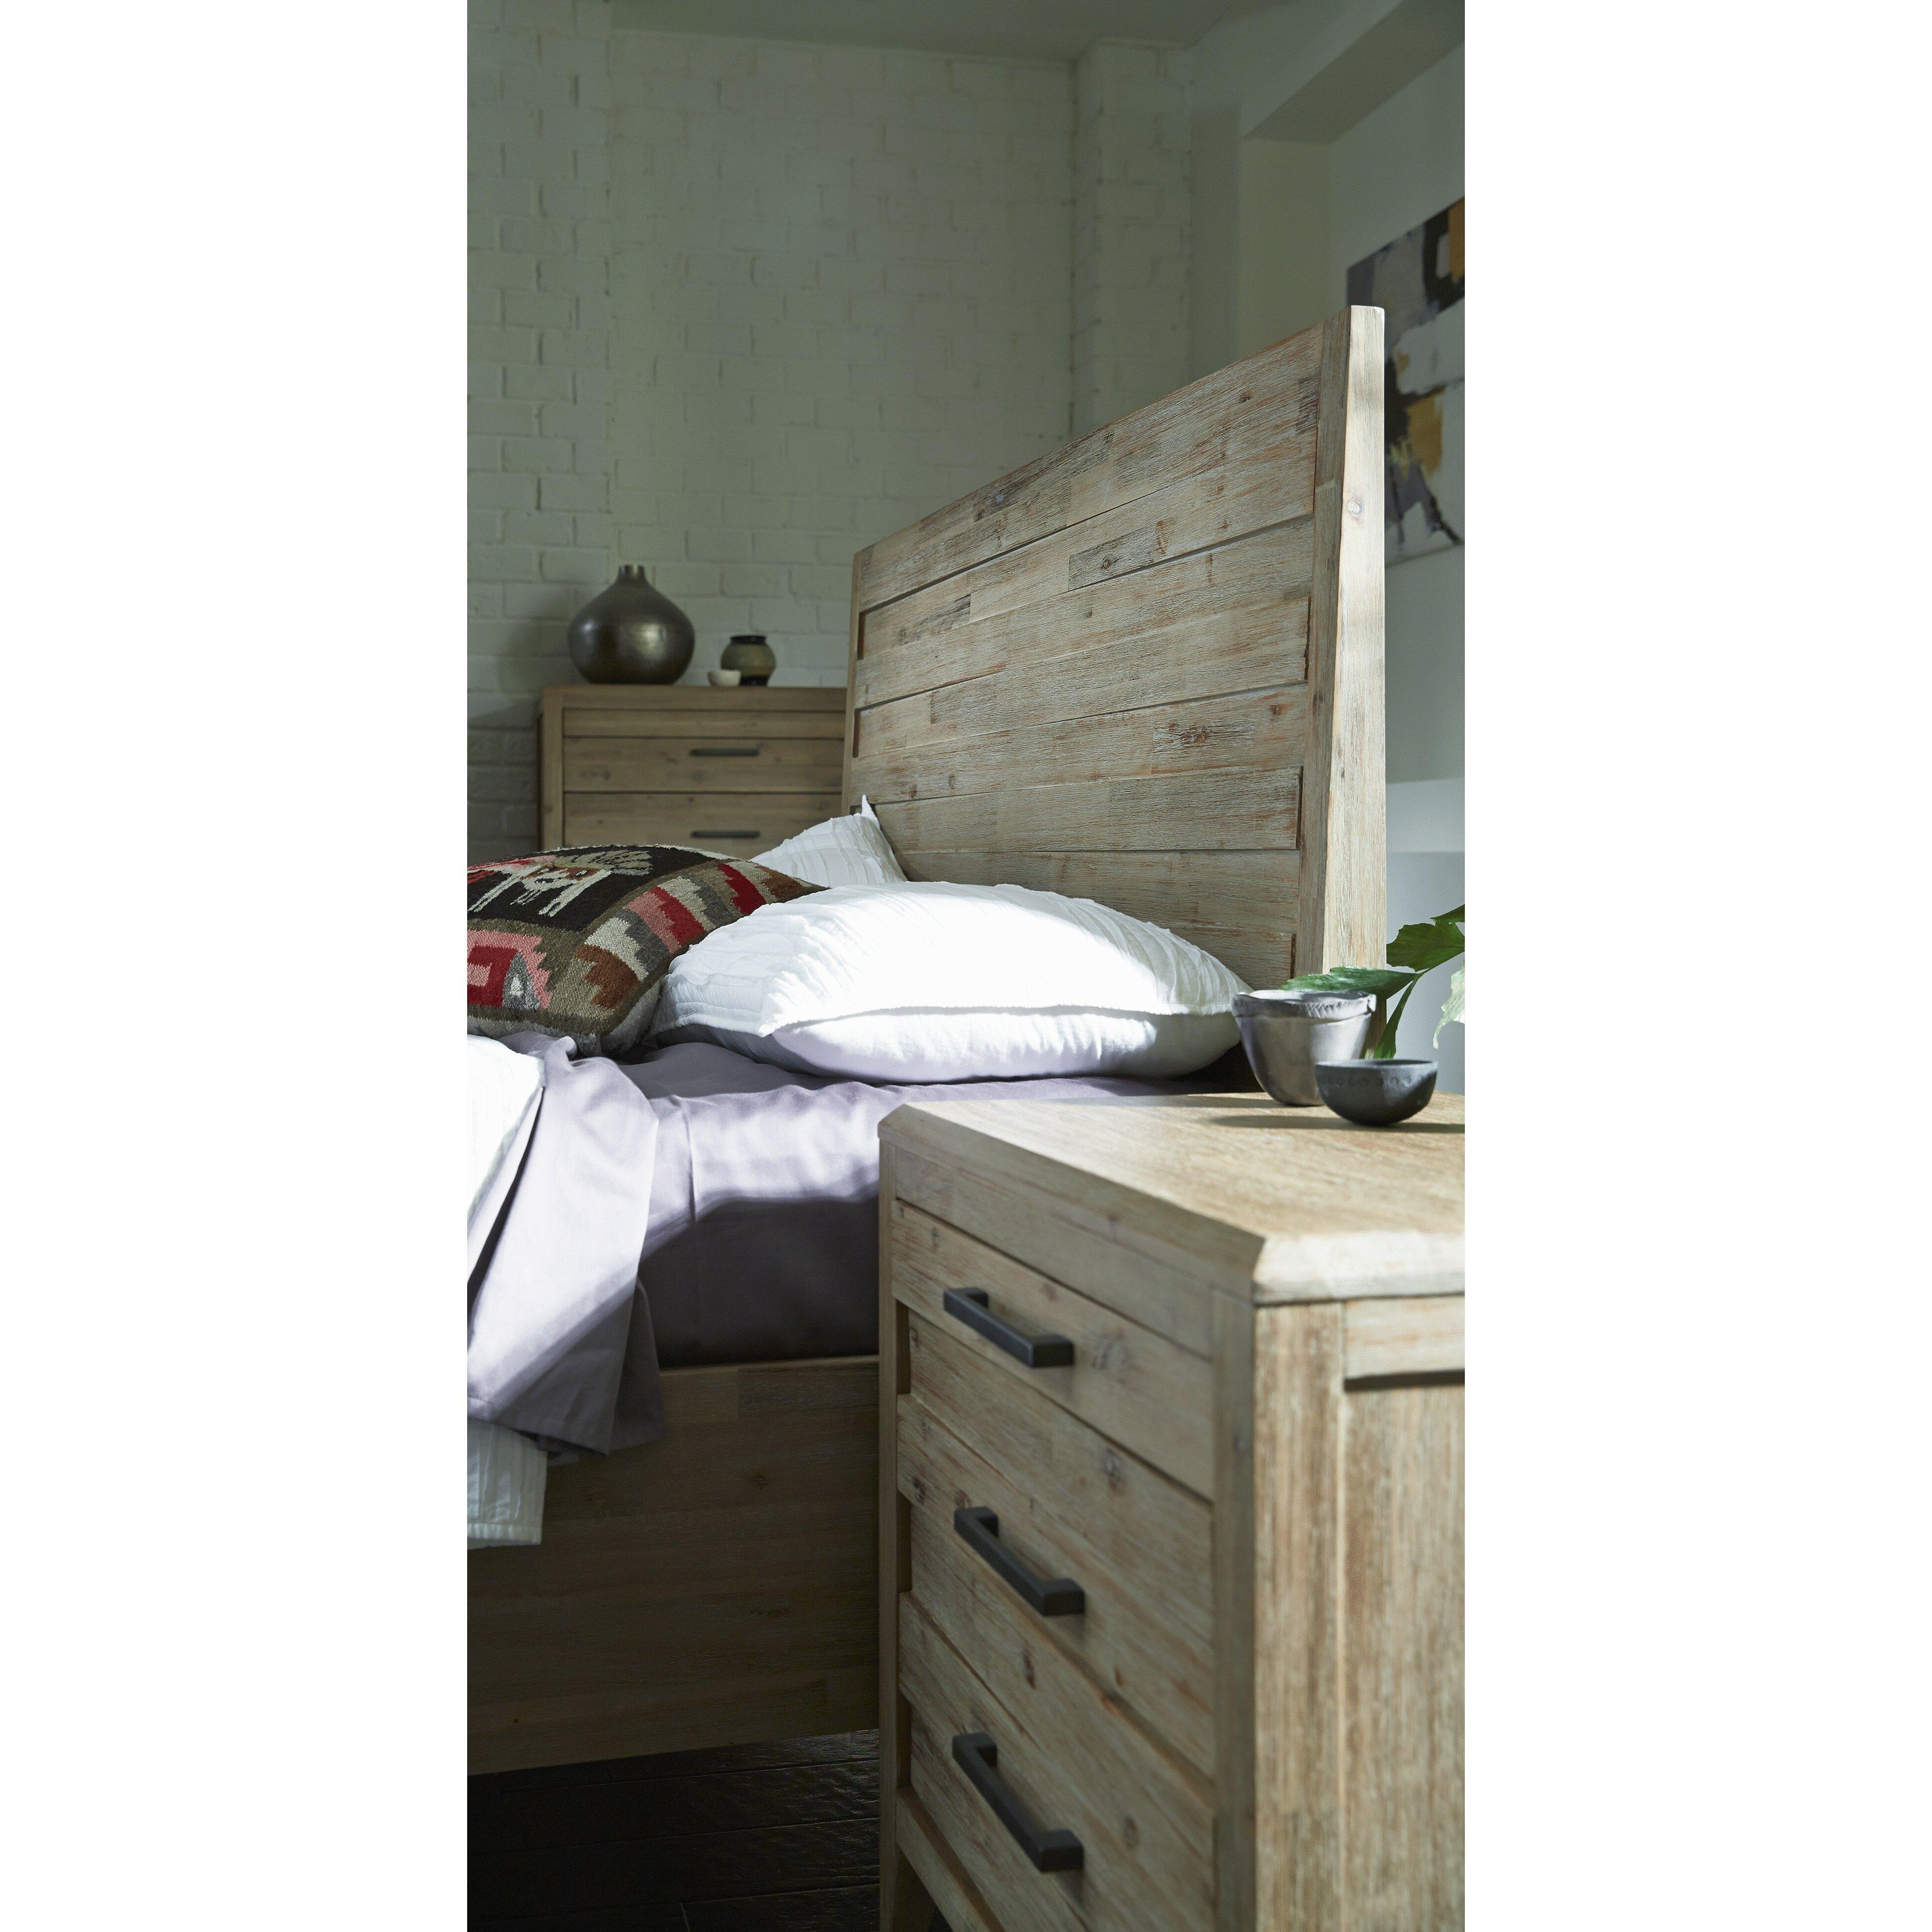 Laurel foundry modern farmhouse boston 3 drawer nightstand - Laurel foundry modern farmhouse bedroom ...